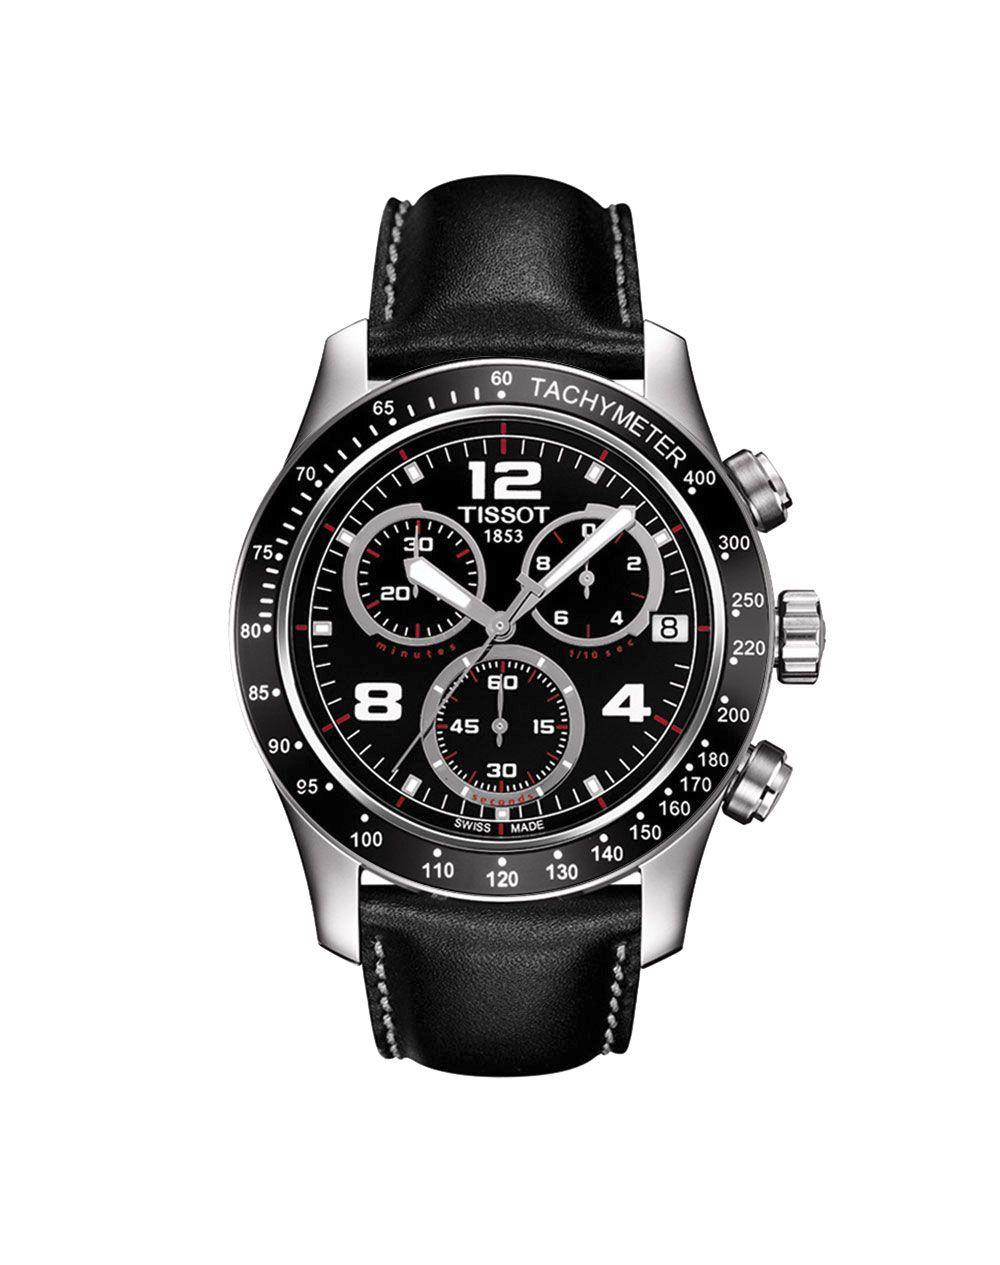 7237bb510813c Reloj de hombre V8 Tissot - Hombre - Relojes - El Corte Inglés - Moda